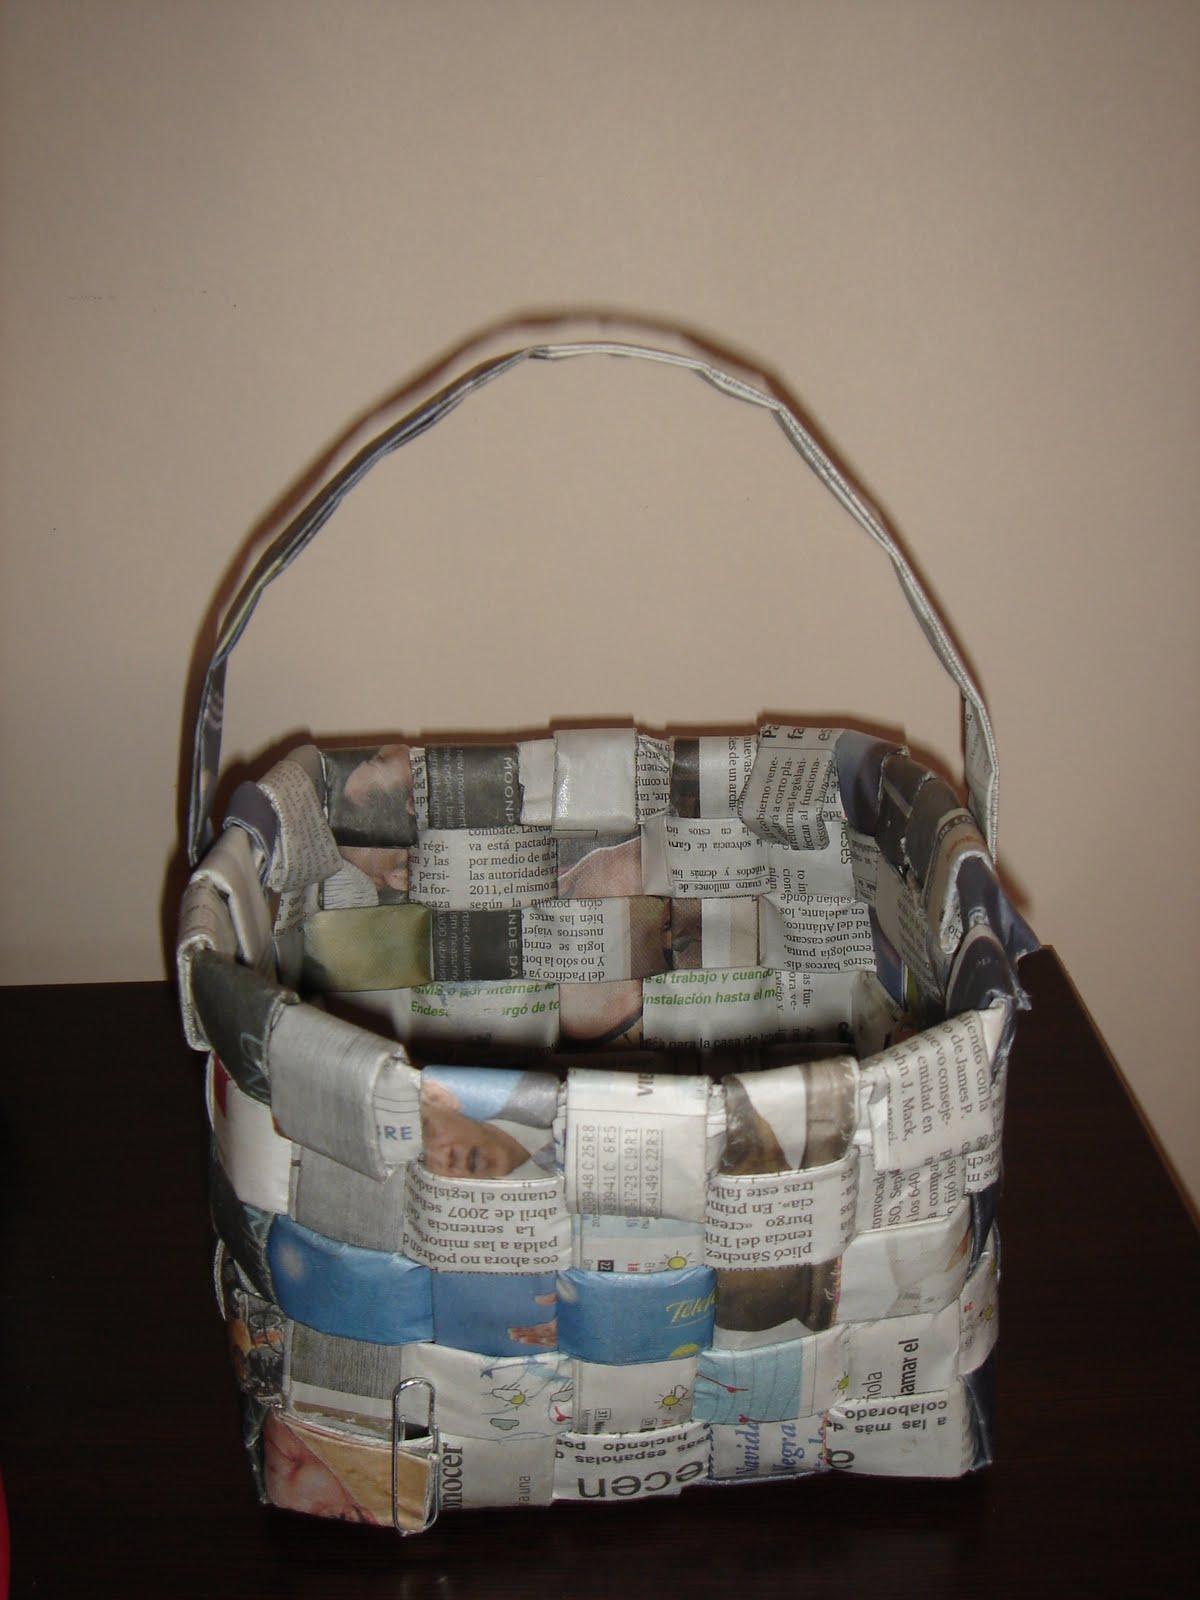 Regalos originales cestas papel de peri dico navidad - Manualidades con periodicos para ninos ...